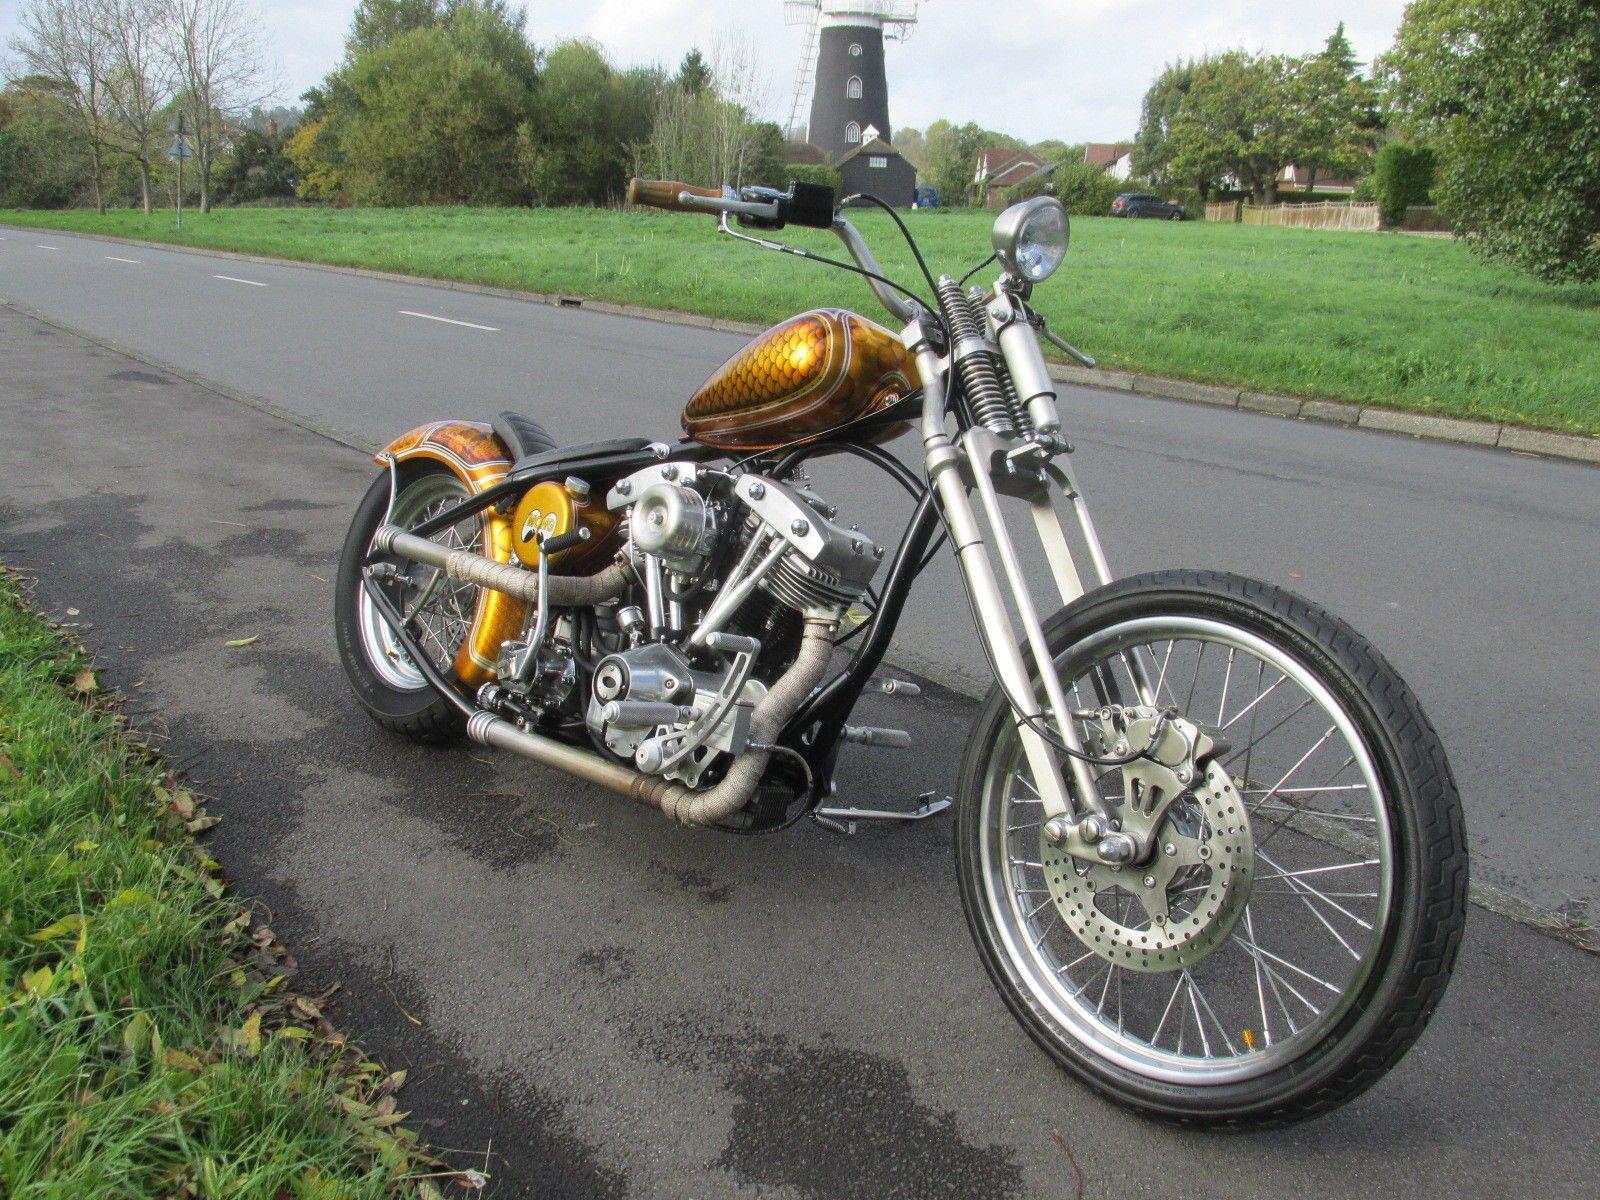 Ebay Harley Davidson Shovelhead Sickboyz Custom Chopper 1340 Flh Bobber Mot Harleydavidson Ukdeals Rssd Harley Davidson Harley Davidson Bikes Shovelhead